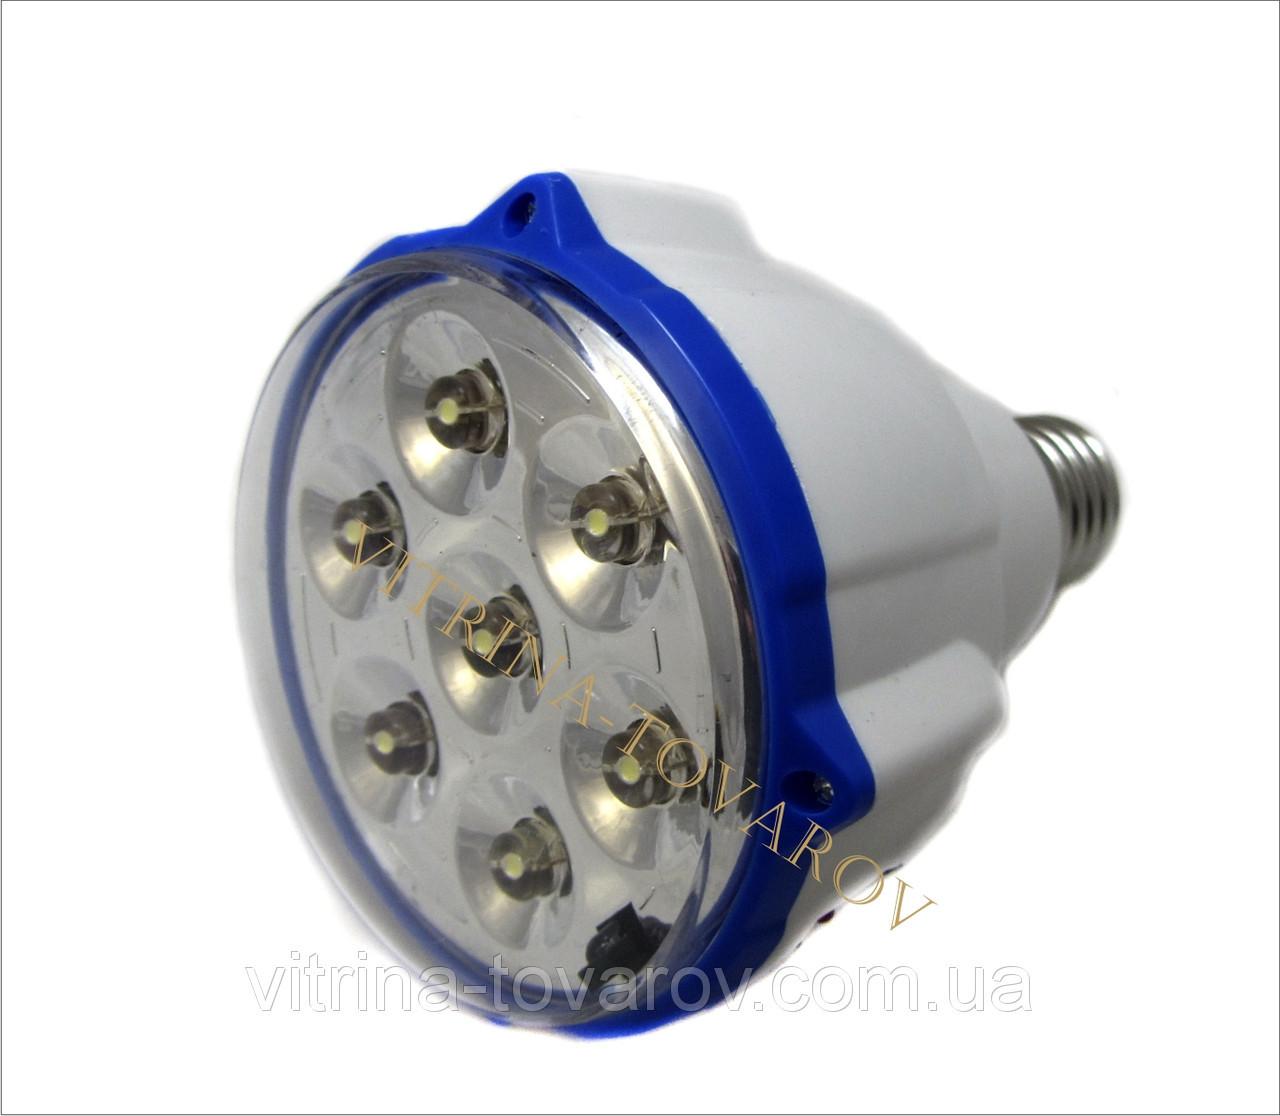 Універсальна світлодіодна лампа-ліхтар з акумулятором і пультом